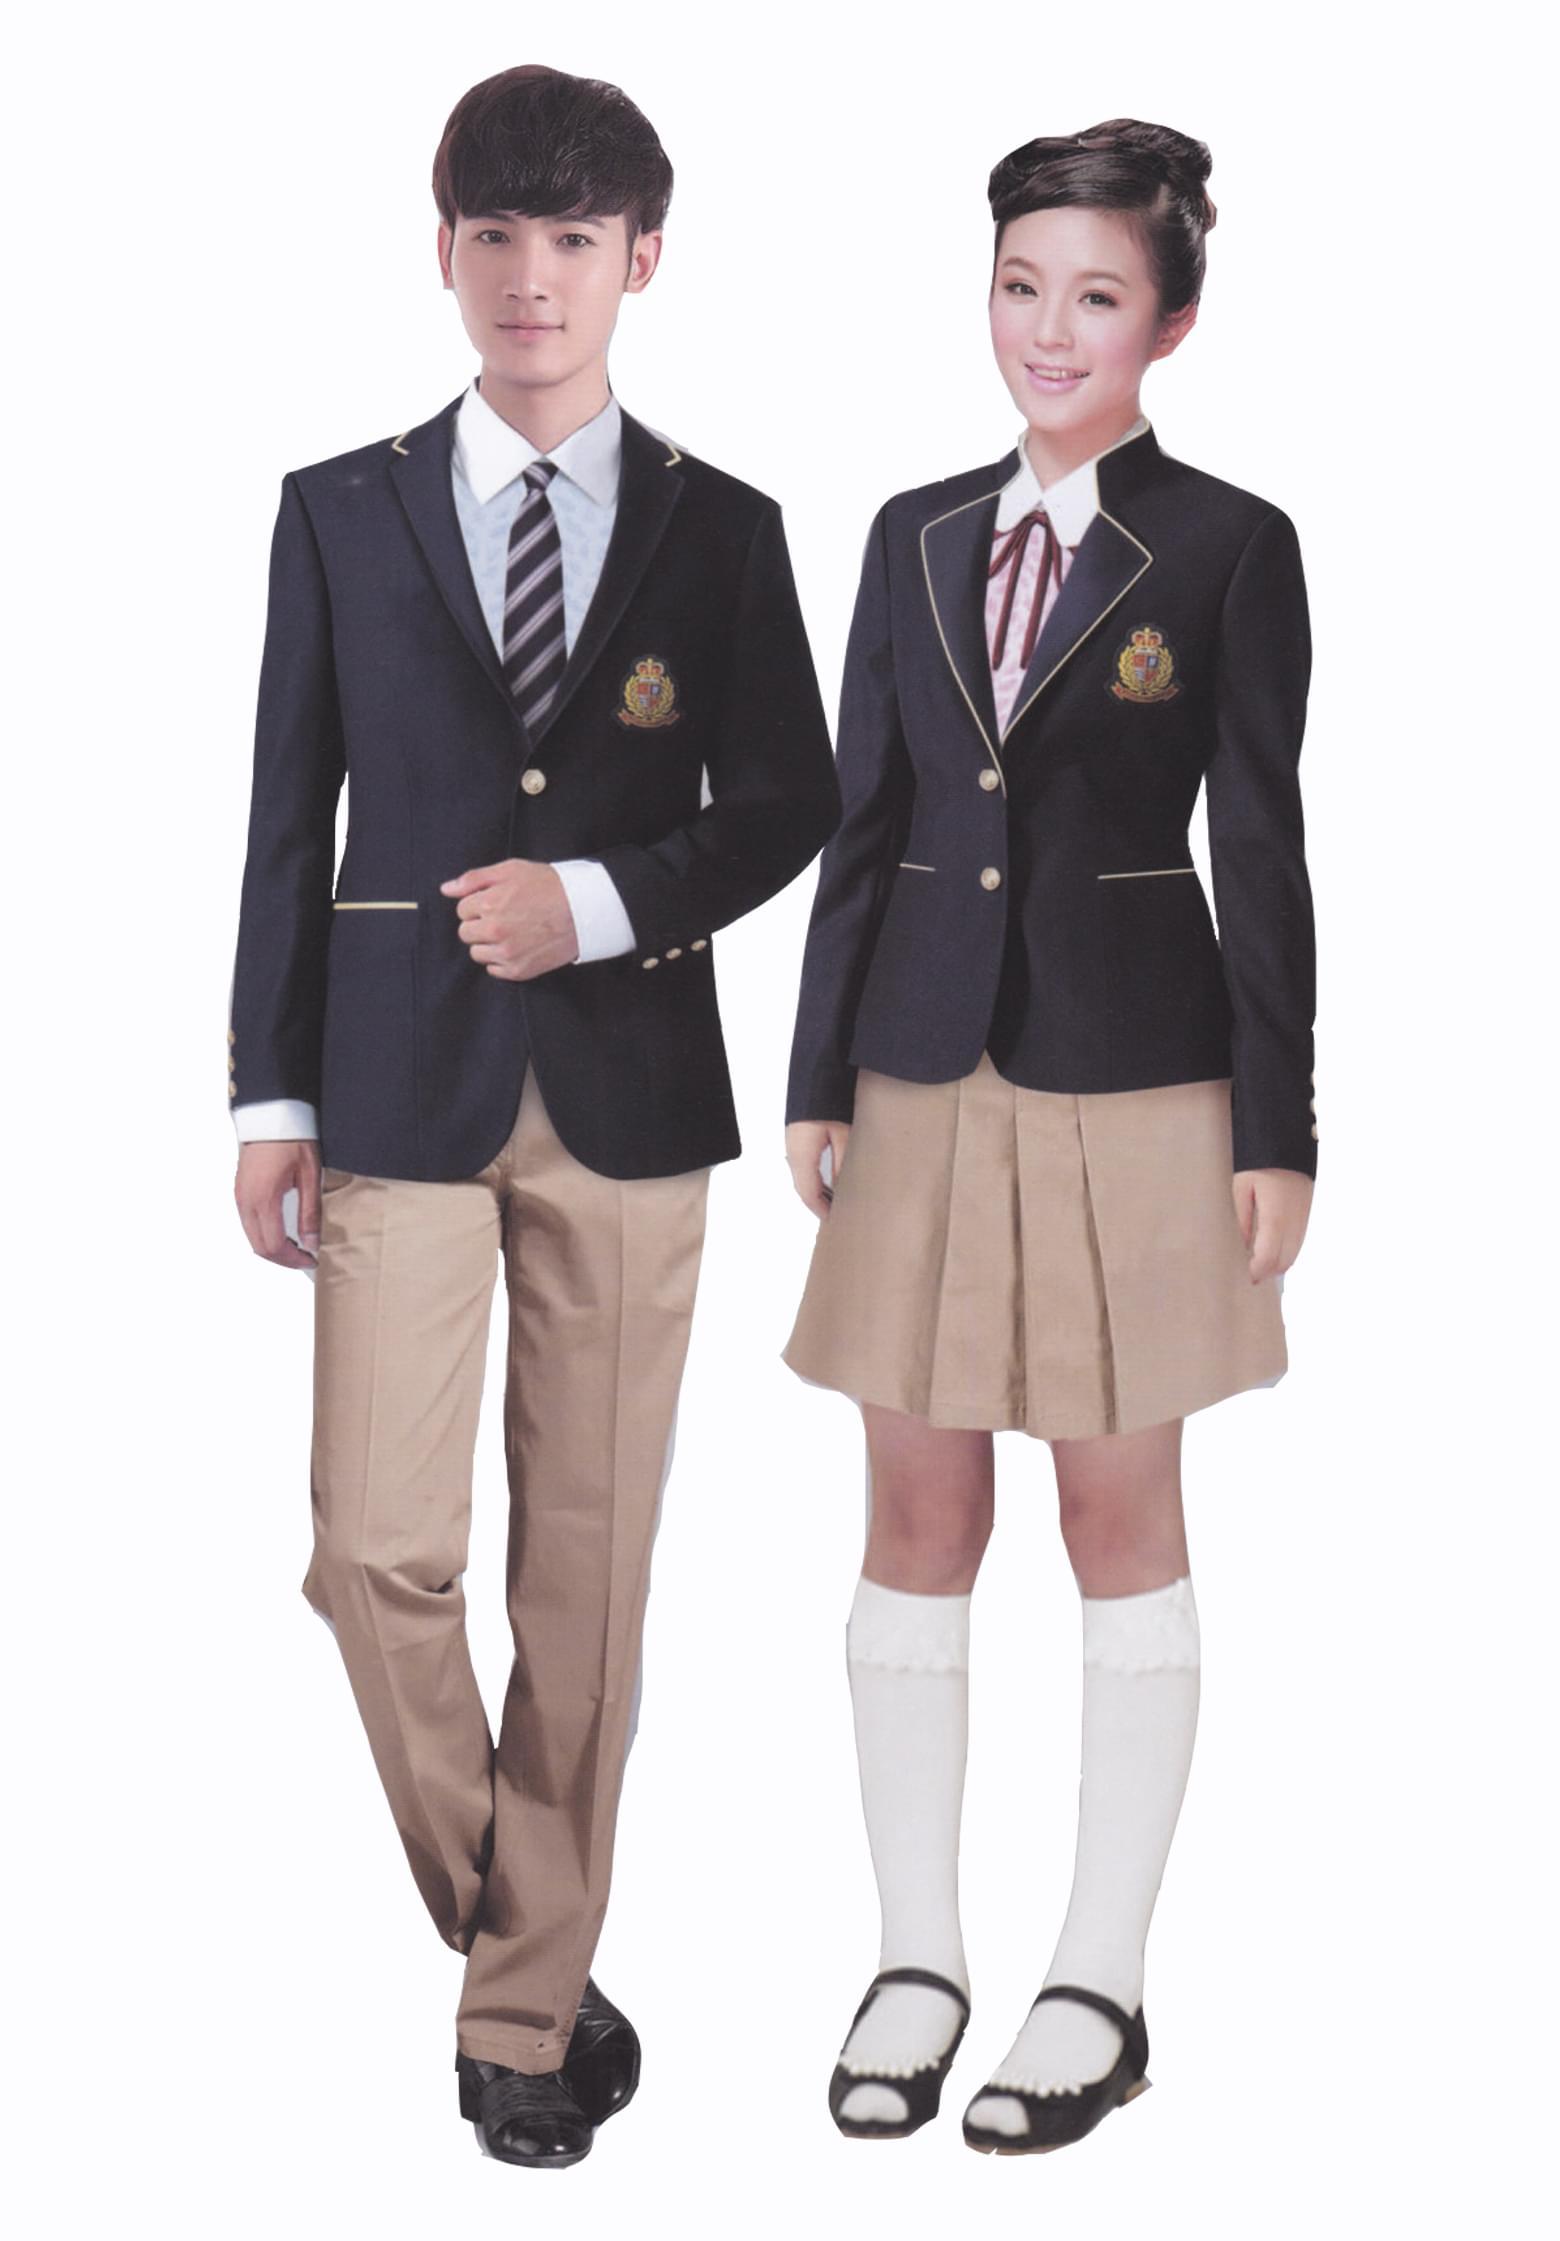 最近韵蔓接到很多顾客咨询韩版校服定做,基本都是家长为班级学生们选择的班服,女生为西服、短裙款式,男生为西服、长裤,初秋毛衣外搭也是个不错的选择。  韩版校服之所以现在这么流行,首先体现在韩版校服对男女校服的区分上,韩国气候与中国相似,但冬季女生校服依然选择及膝裙,用保暖的毛质紧身长袜代替产股,及注重了保暖性,也保证了款式的美观。 韩版校服同我们常说的英伦风校服相似,秋季校服基本都为西装外套或毛衣,女生为及膝裙,长厚毛袜,男生为长裤。校徽一般以刺绣的方式绣于校服左胸位置。  西装校服比较受欢迎的另一个原因就